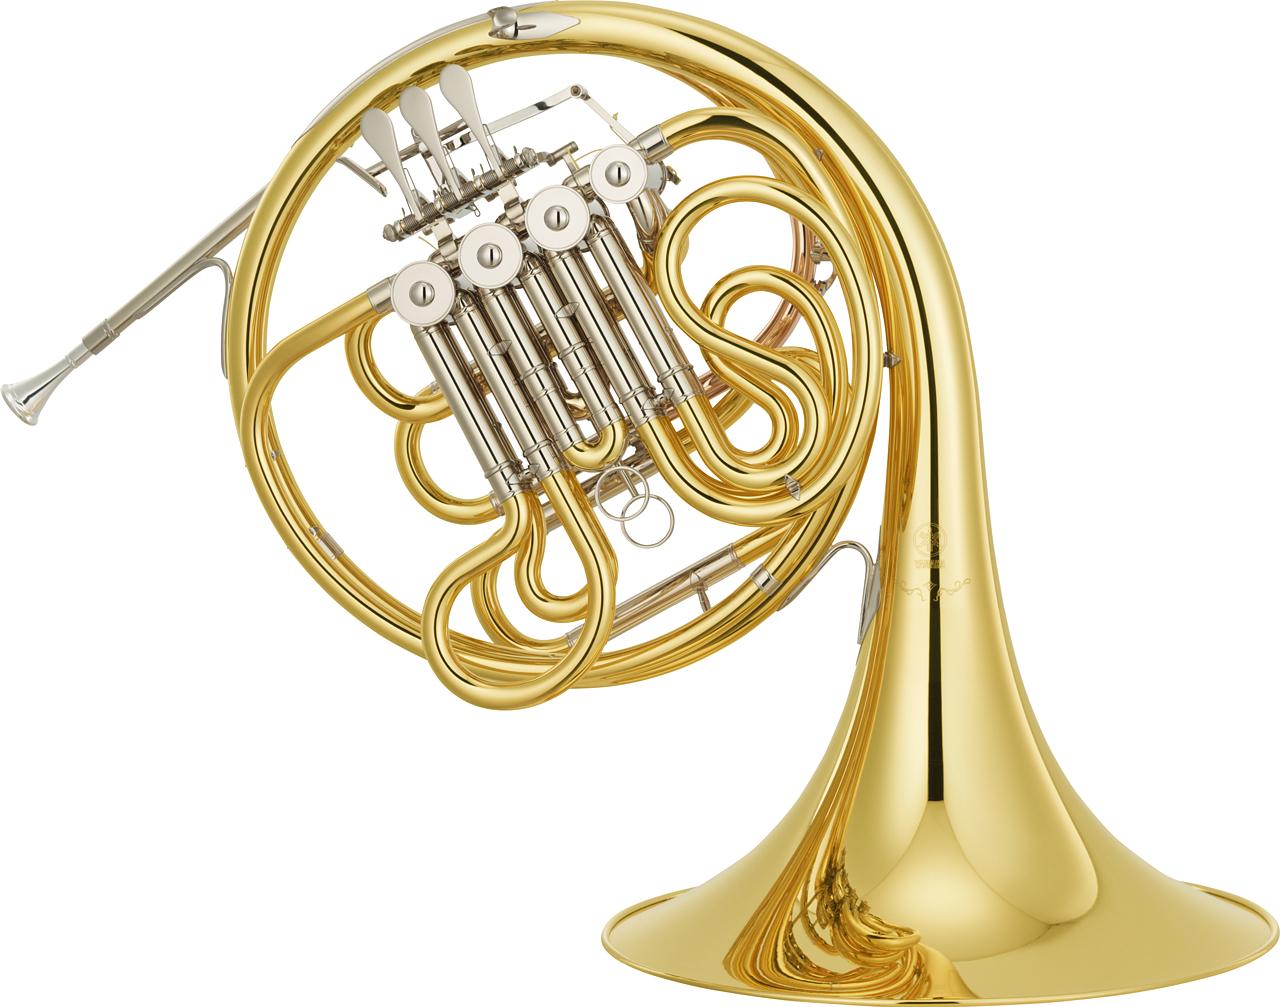 Yamaha - YHR-671 - Blechblasinstrumente - Hörner | MUSIK BERTRAM Deutschland Freiburg